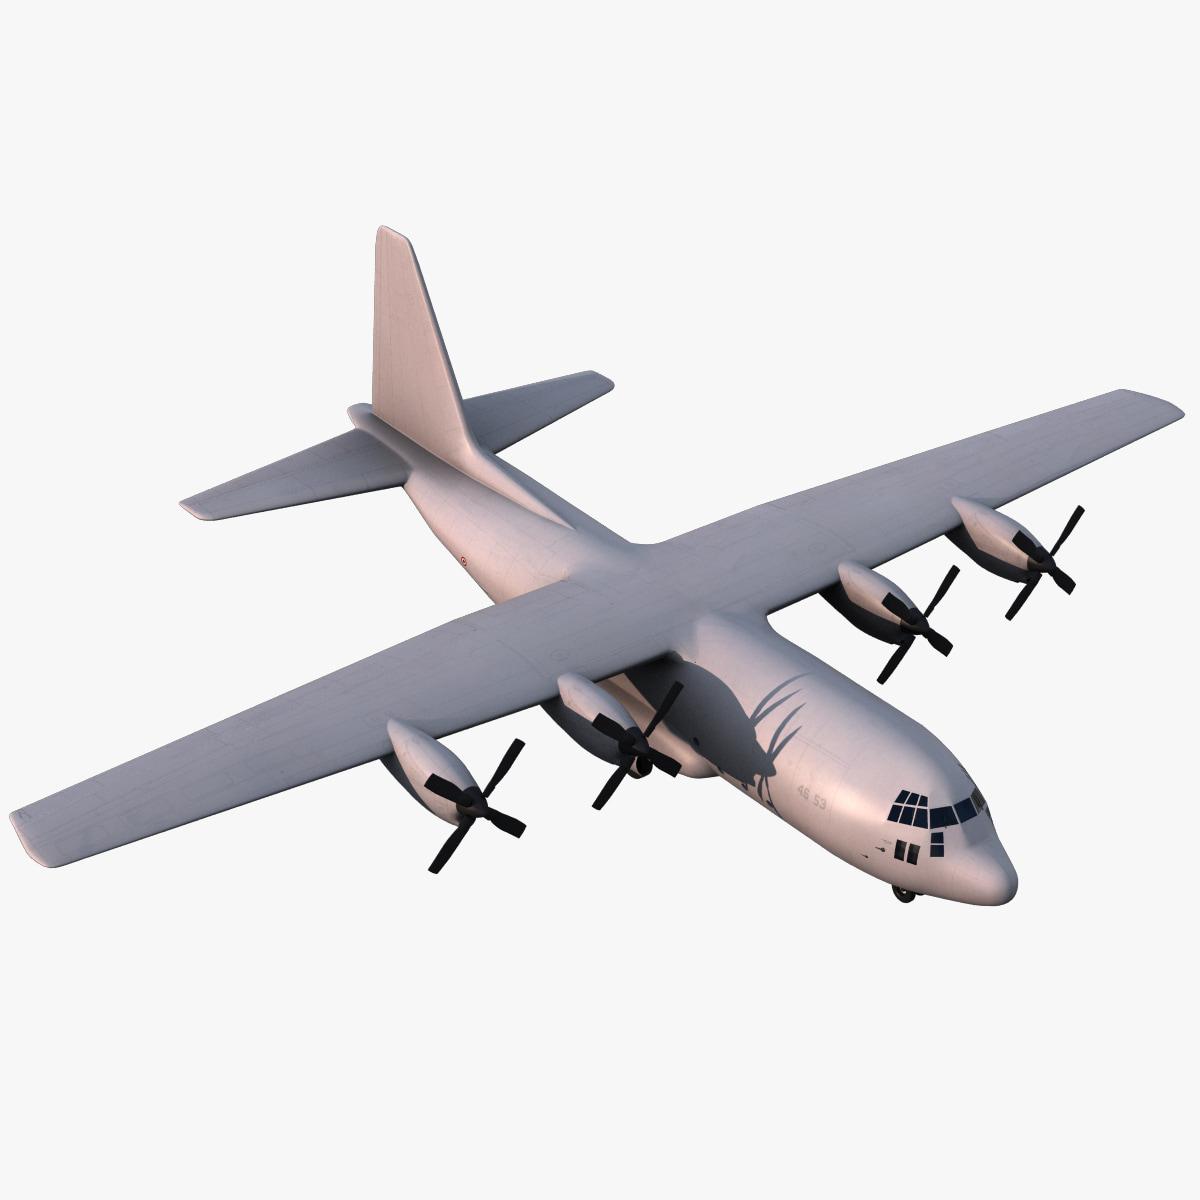 C-130_Hercules_247.jpg